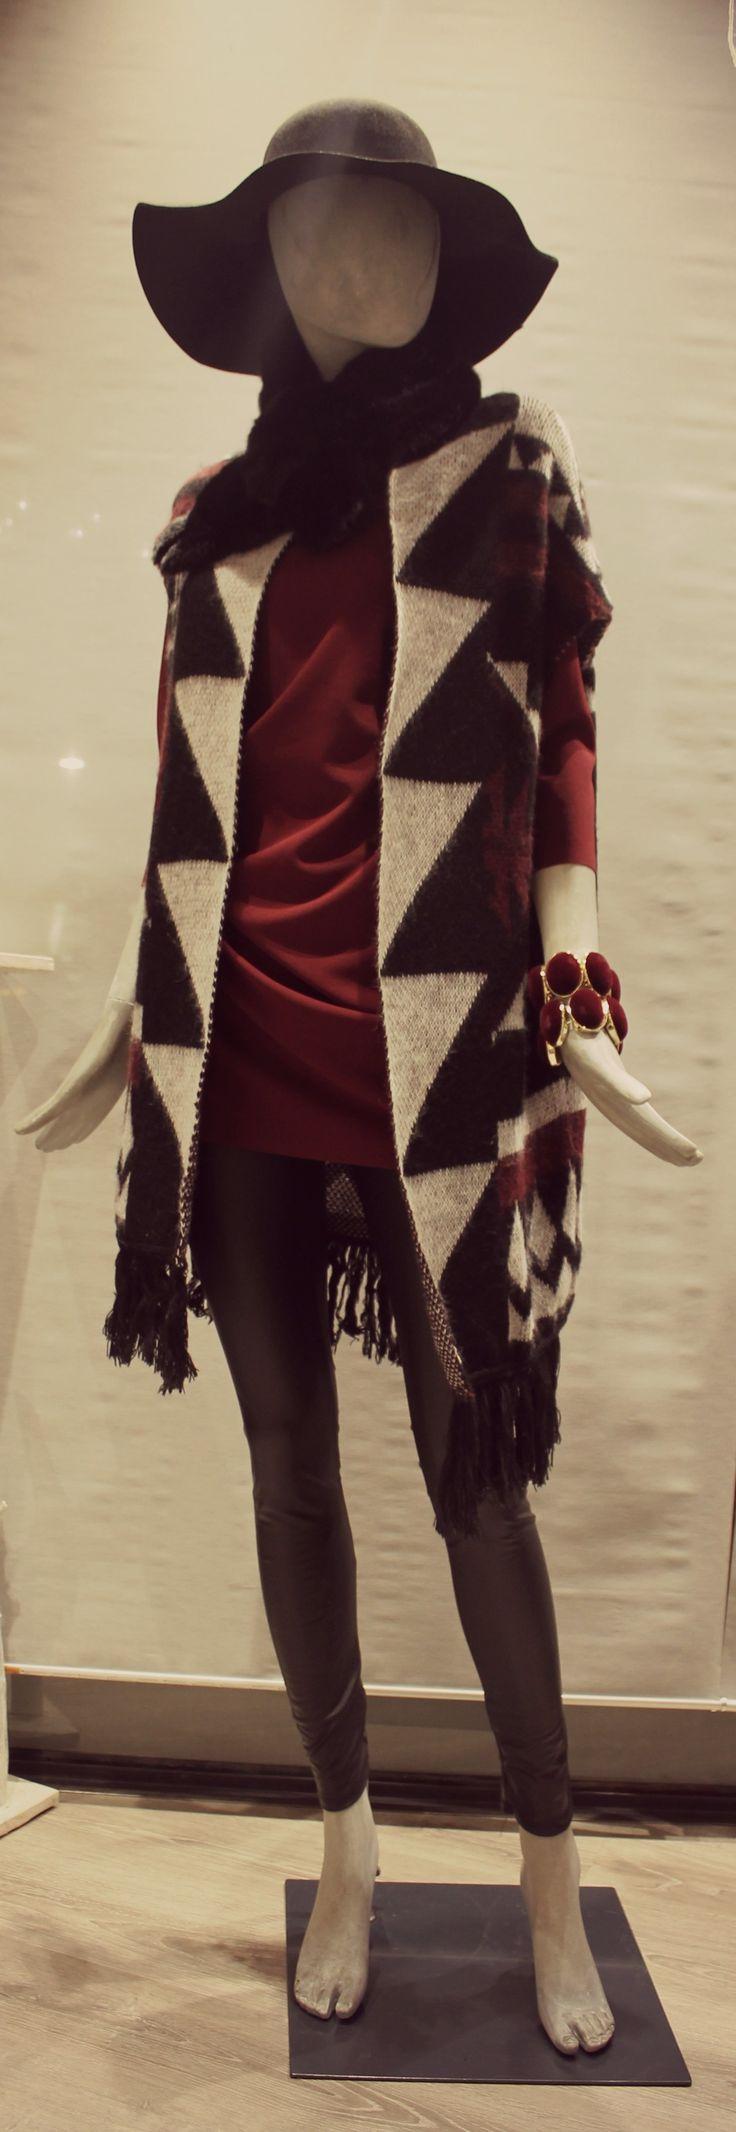 Cardigan smanicato con fantasia geometrica. #White #moda #cardigan #geometrie #fashion #winter2015 #style #look #outfit #abbigliamento #arzignano